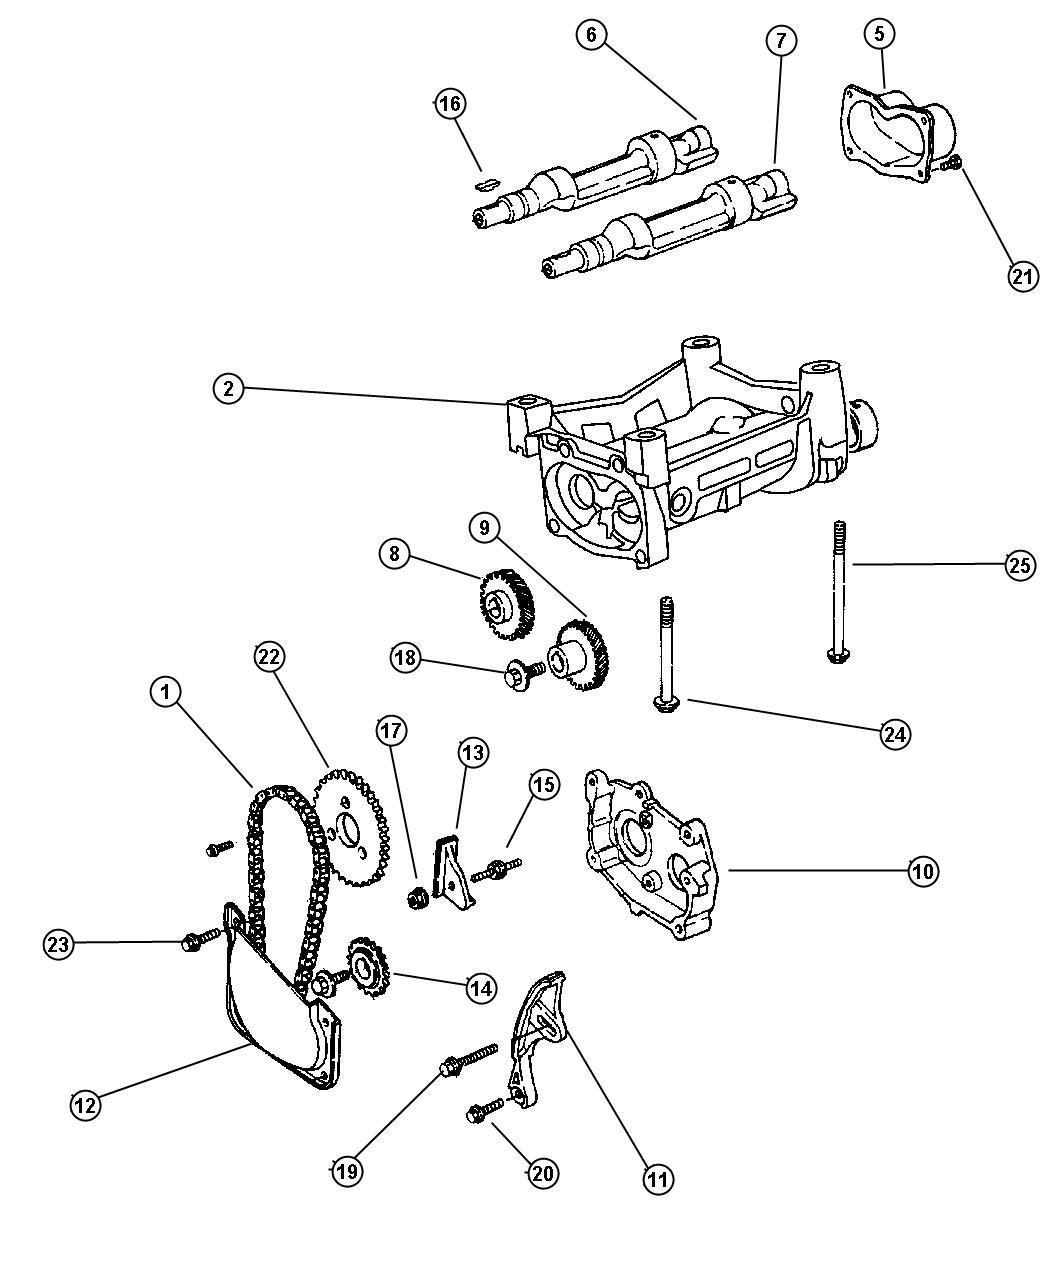 Chrysler Pt Cruiser Chain. Balance, balance shaft